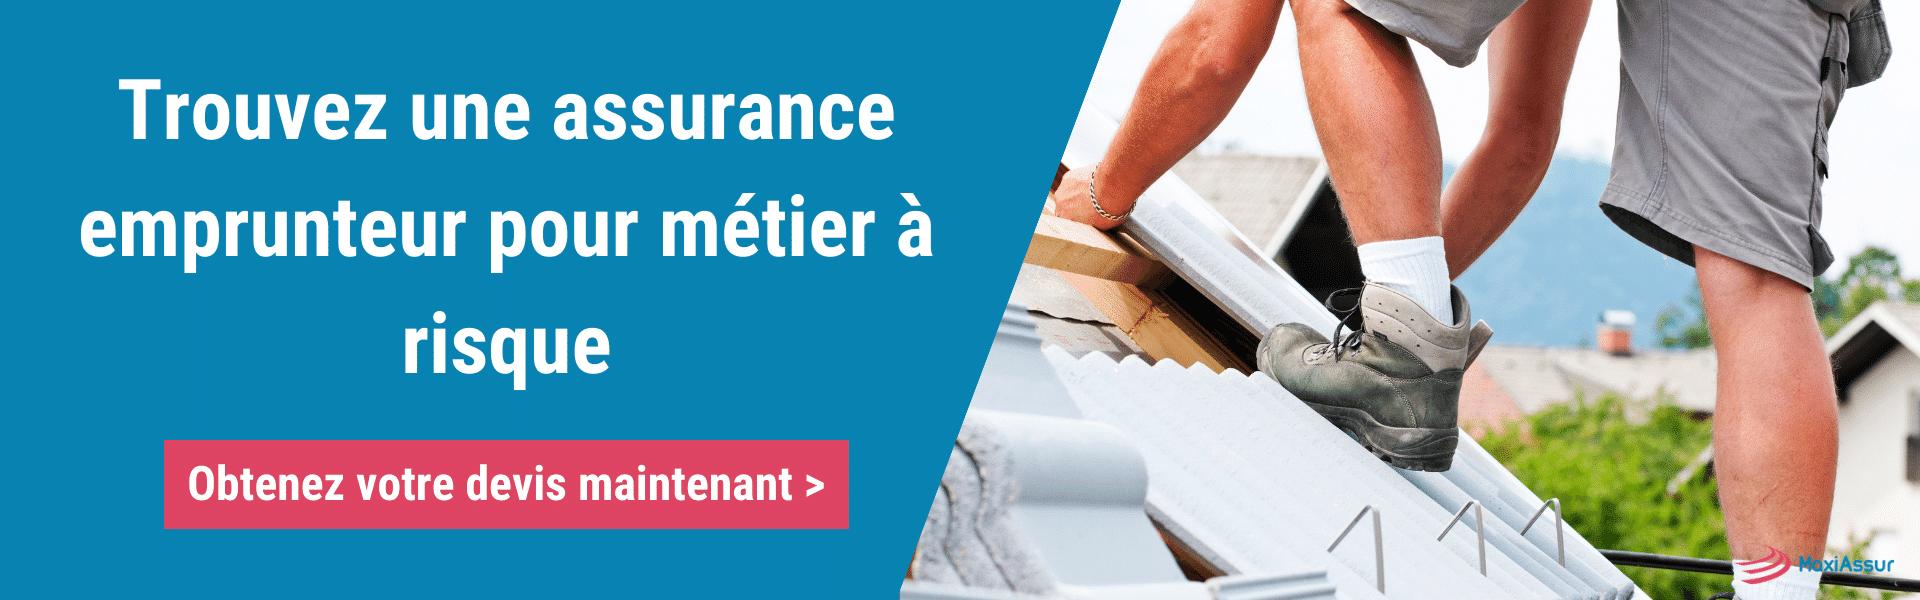 assurance emprunteur métiers à risque